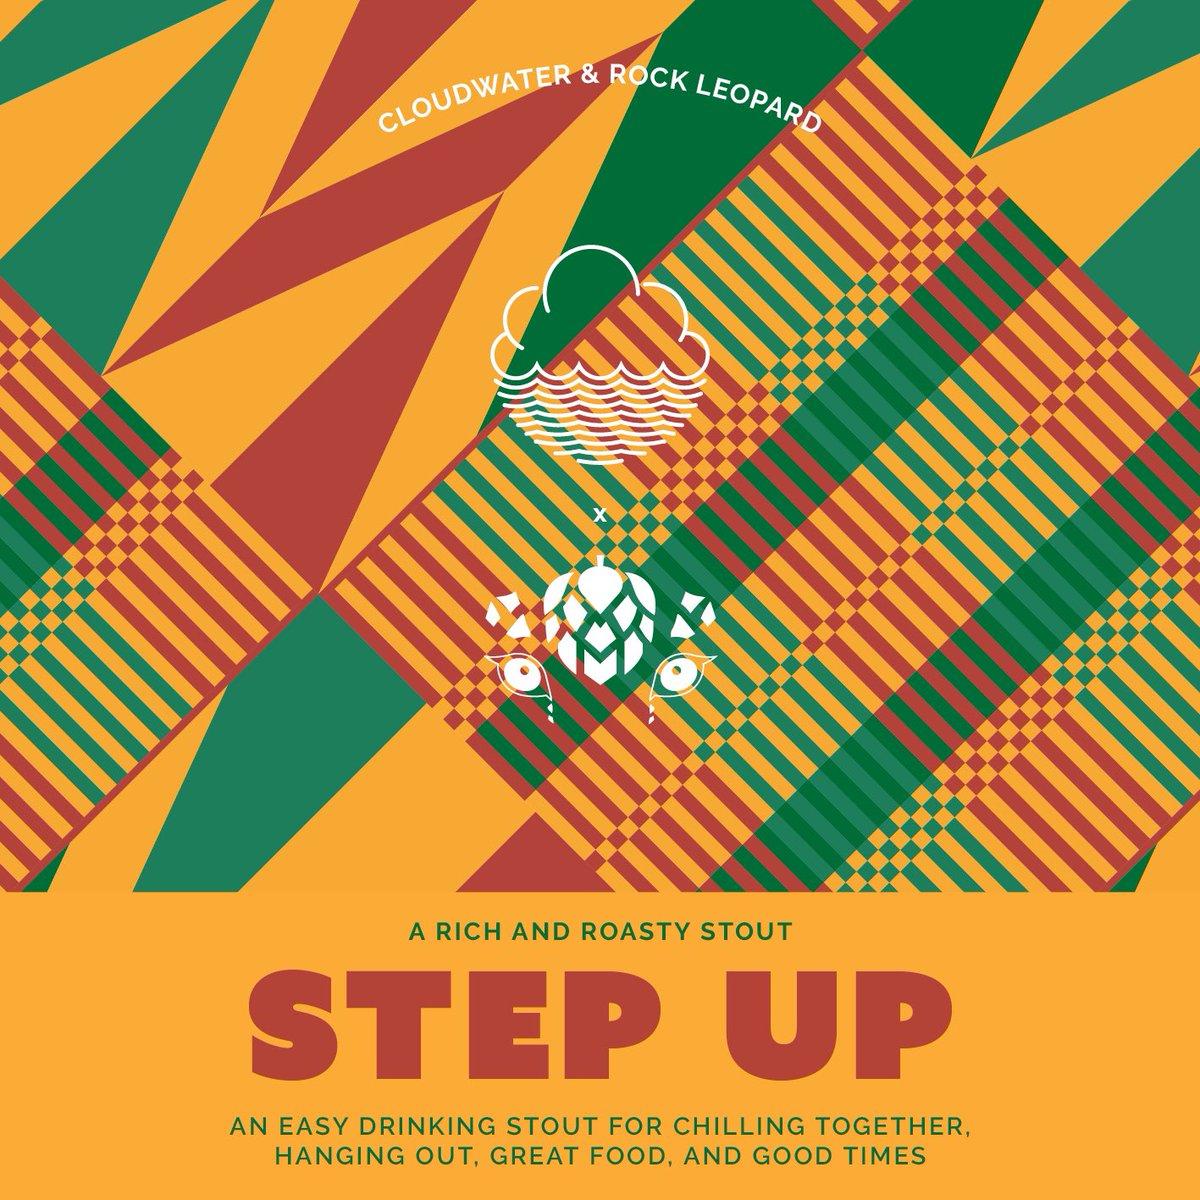 ON TAP Step Up | Cloudwater x Rock Leopard | Stout 5% x 1 Litre